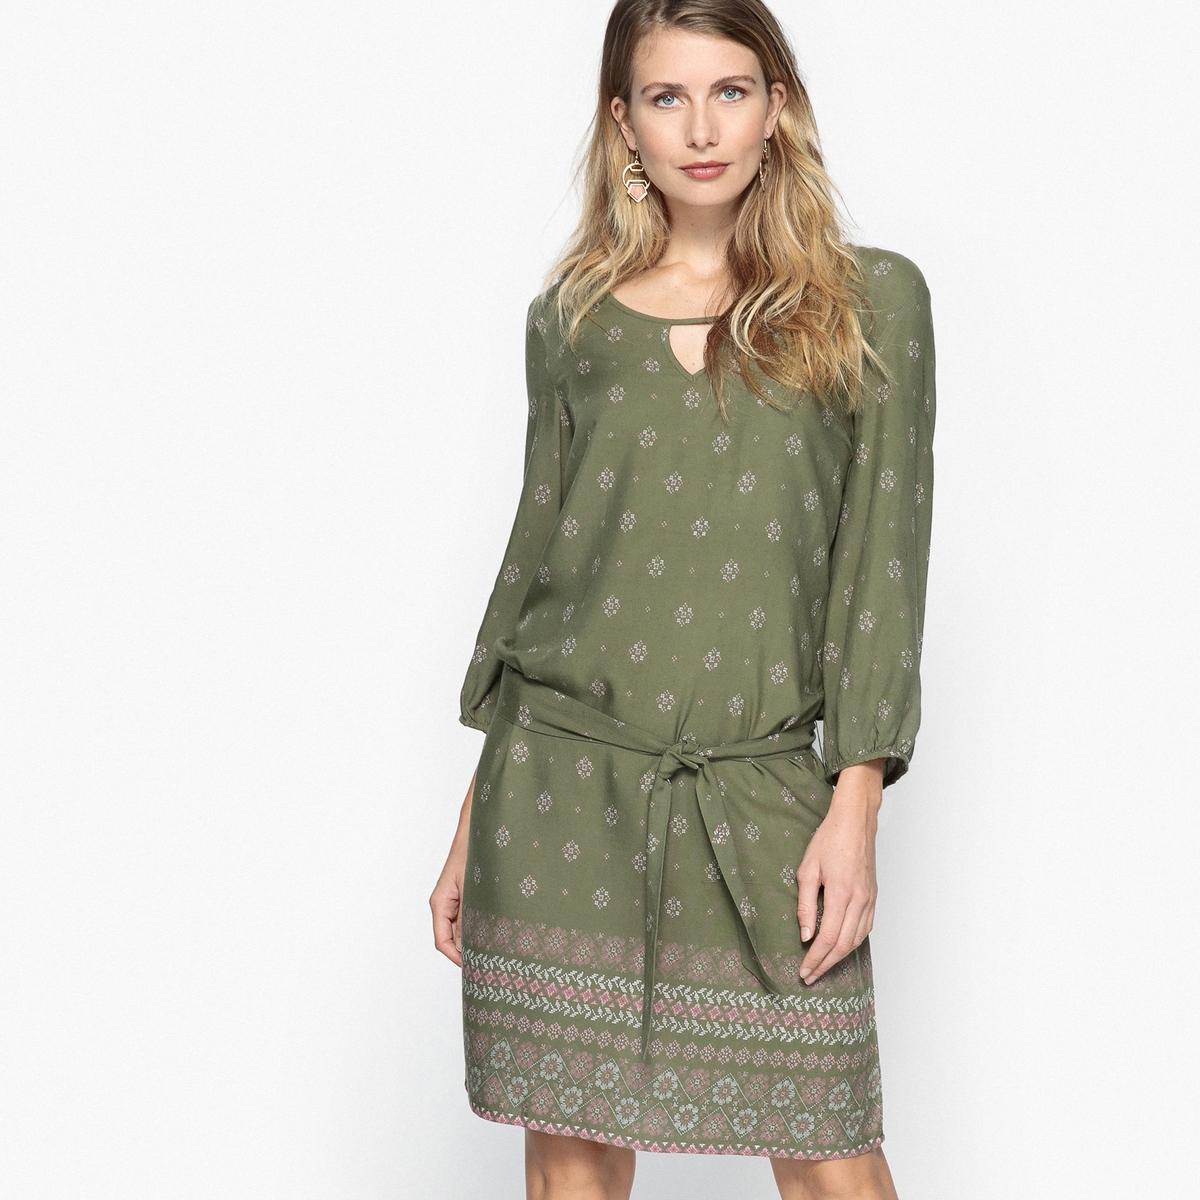 Платье с рисунком и рукавами 3/4 из струящейся ткани платье из струящейся ткани 100% вискозы